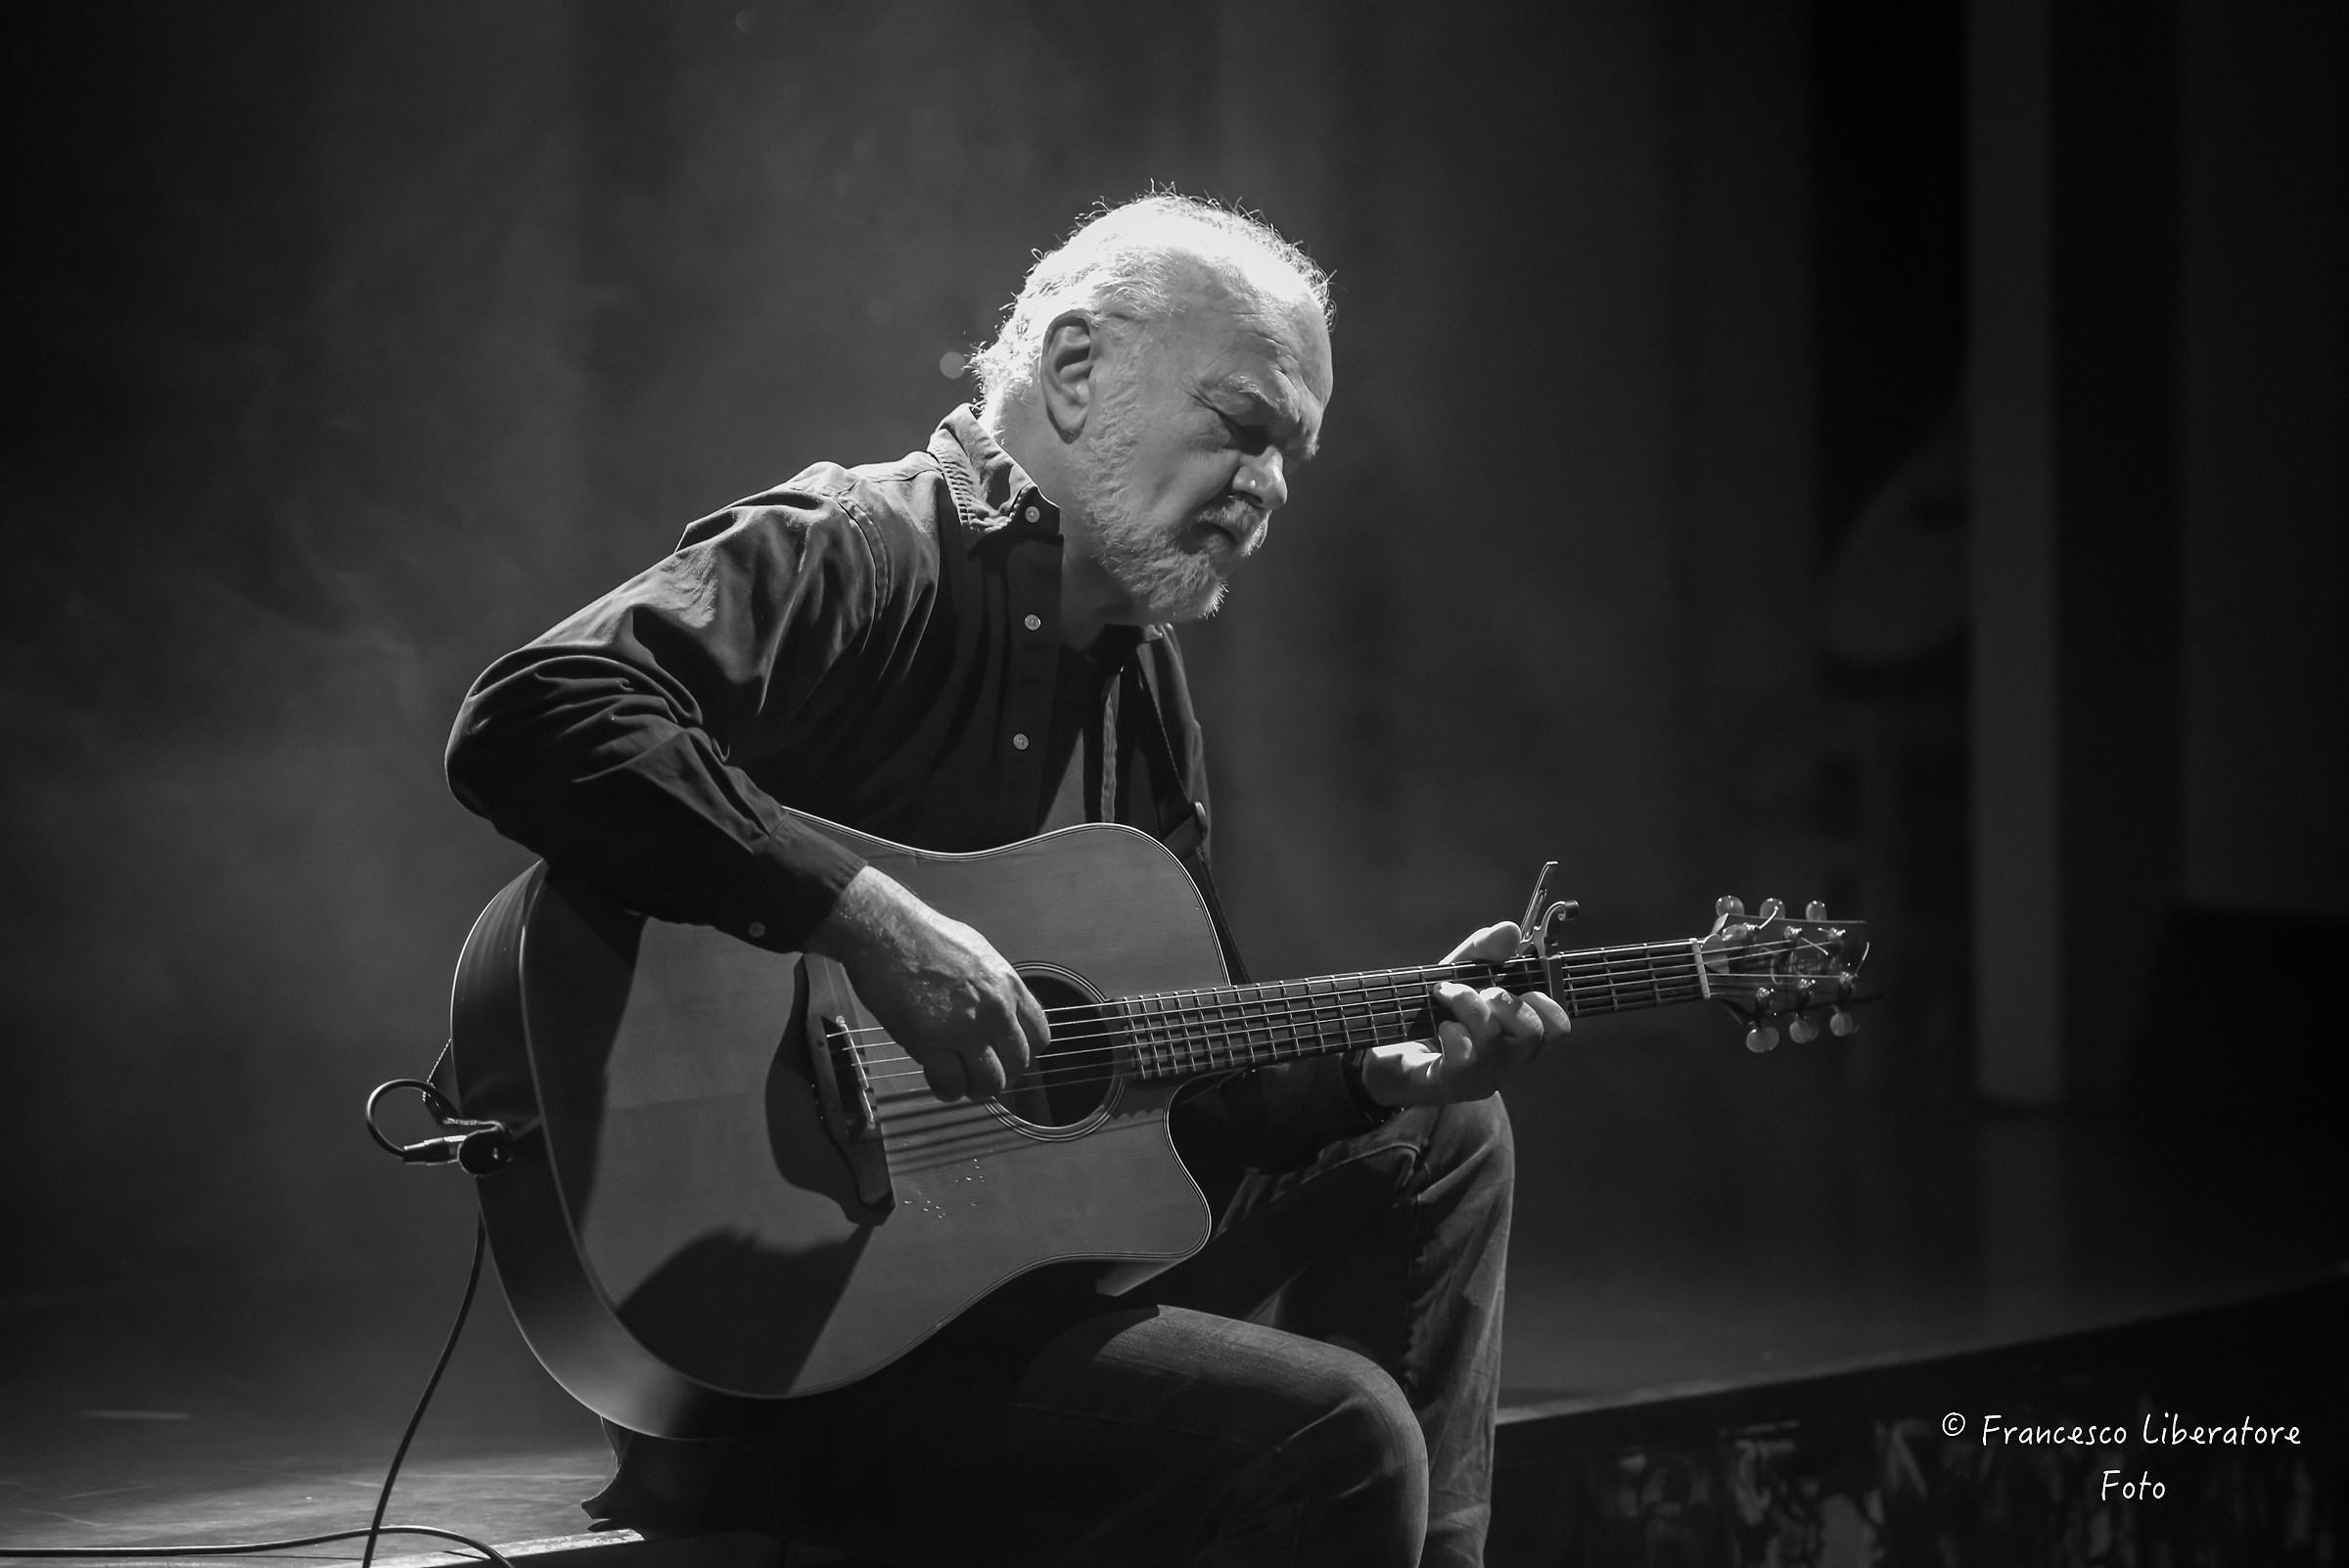 Guitar and memories ......